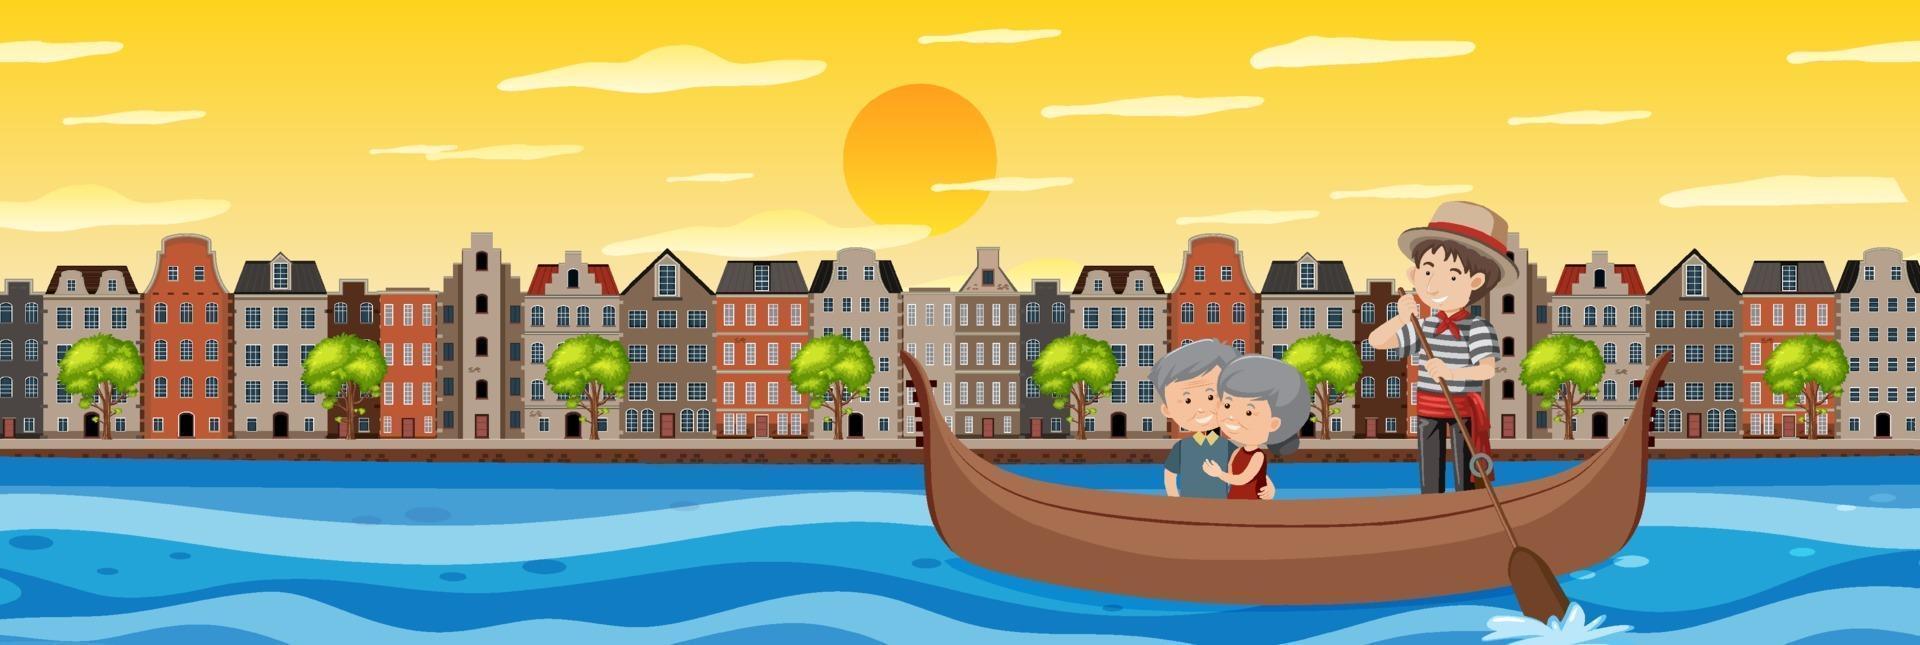 pareja de jubilados en el paseo en barco vector